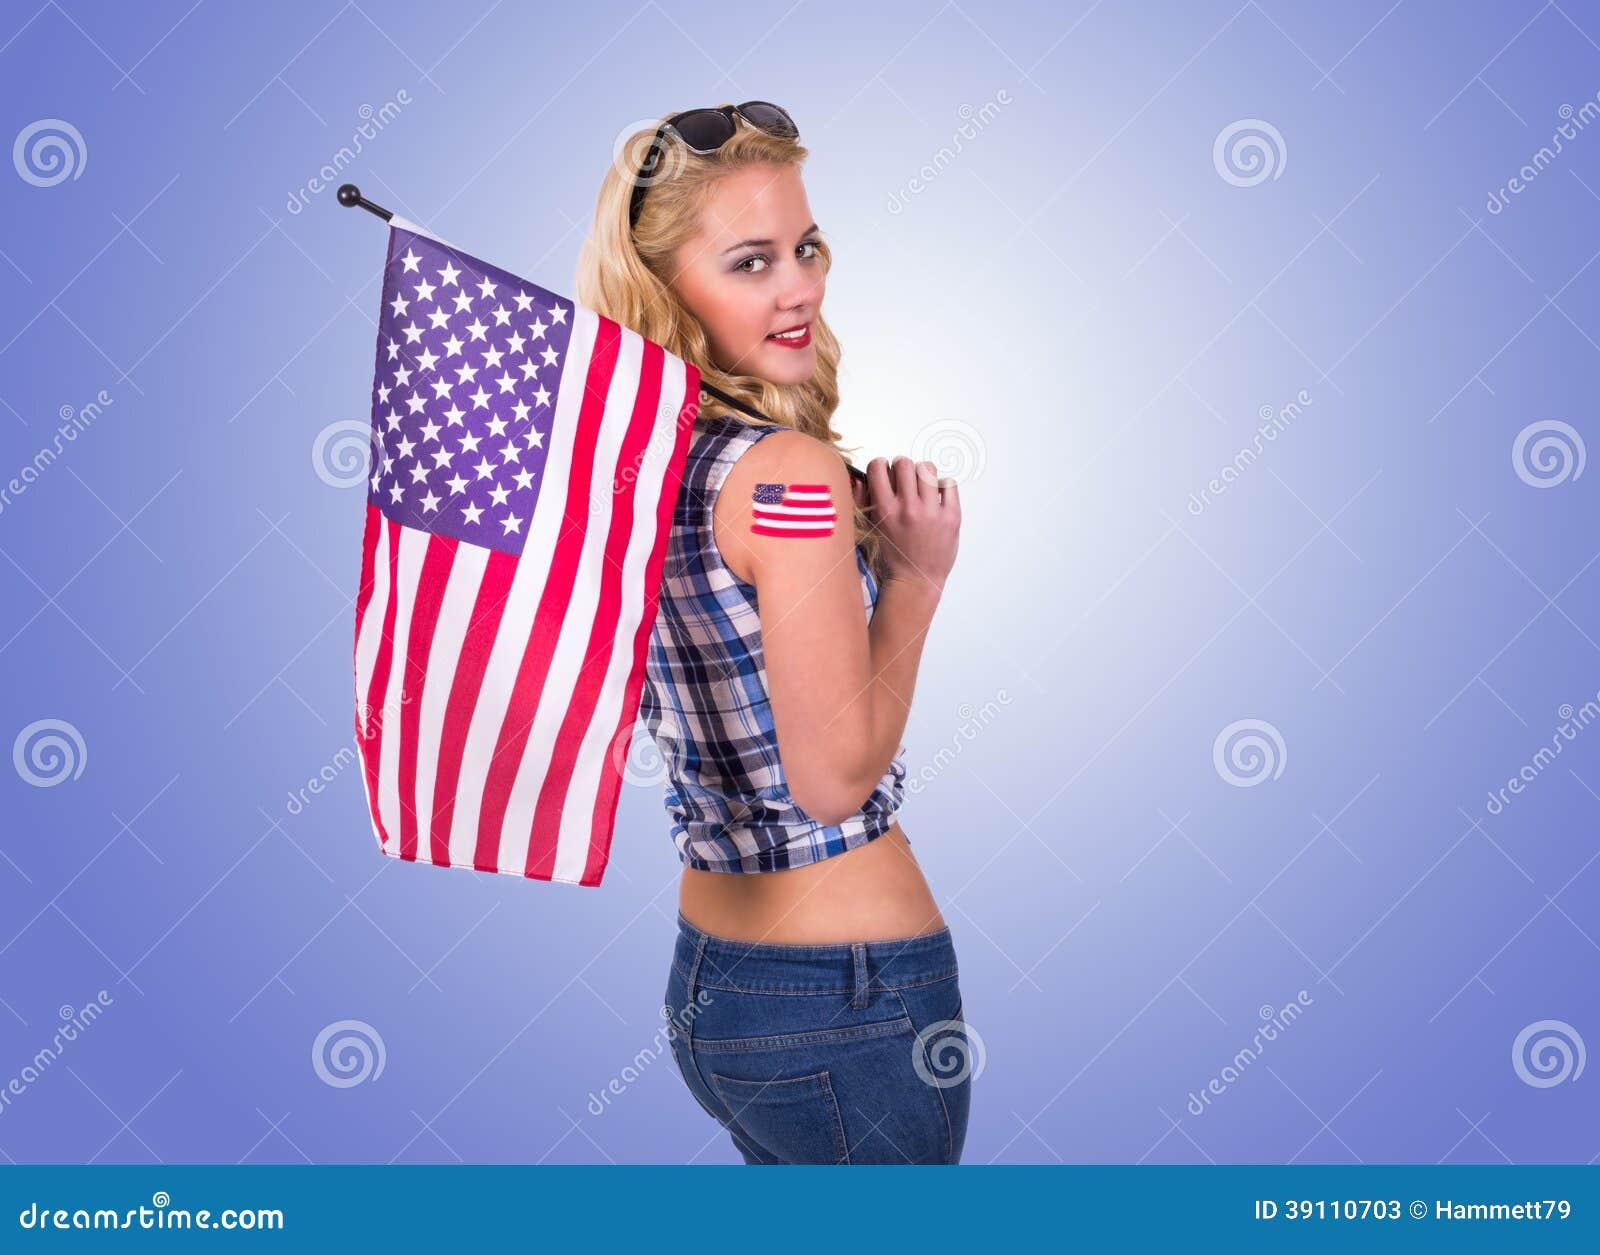 Amerikaans meisje